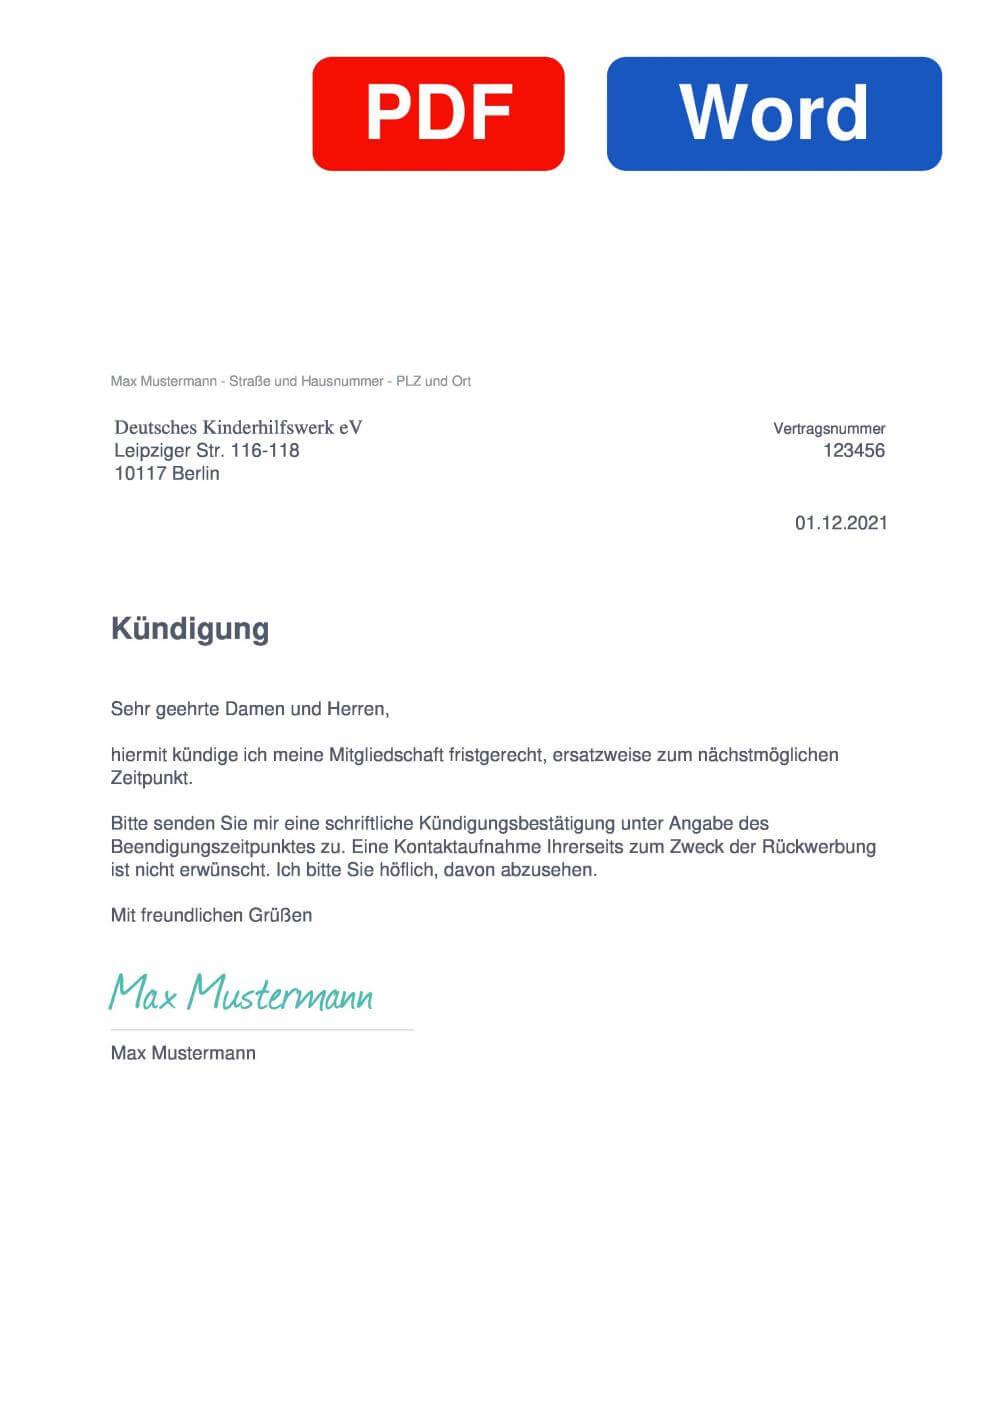 Deutsches Kinderhilfswerk Muster Vorlage für Kündigungsschreiben